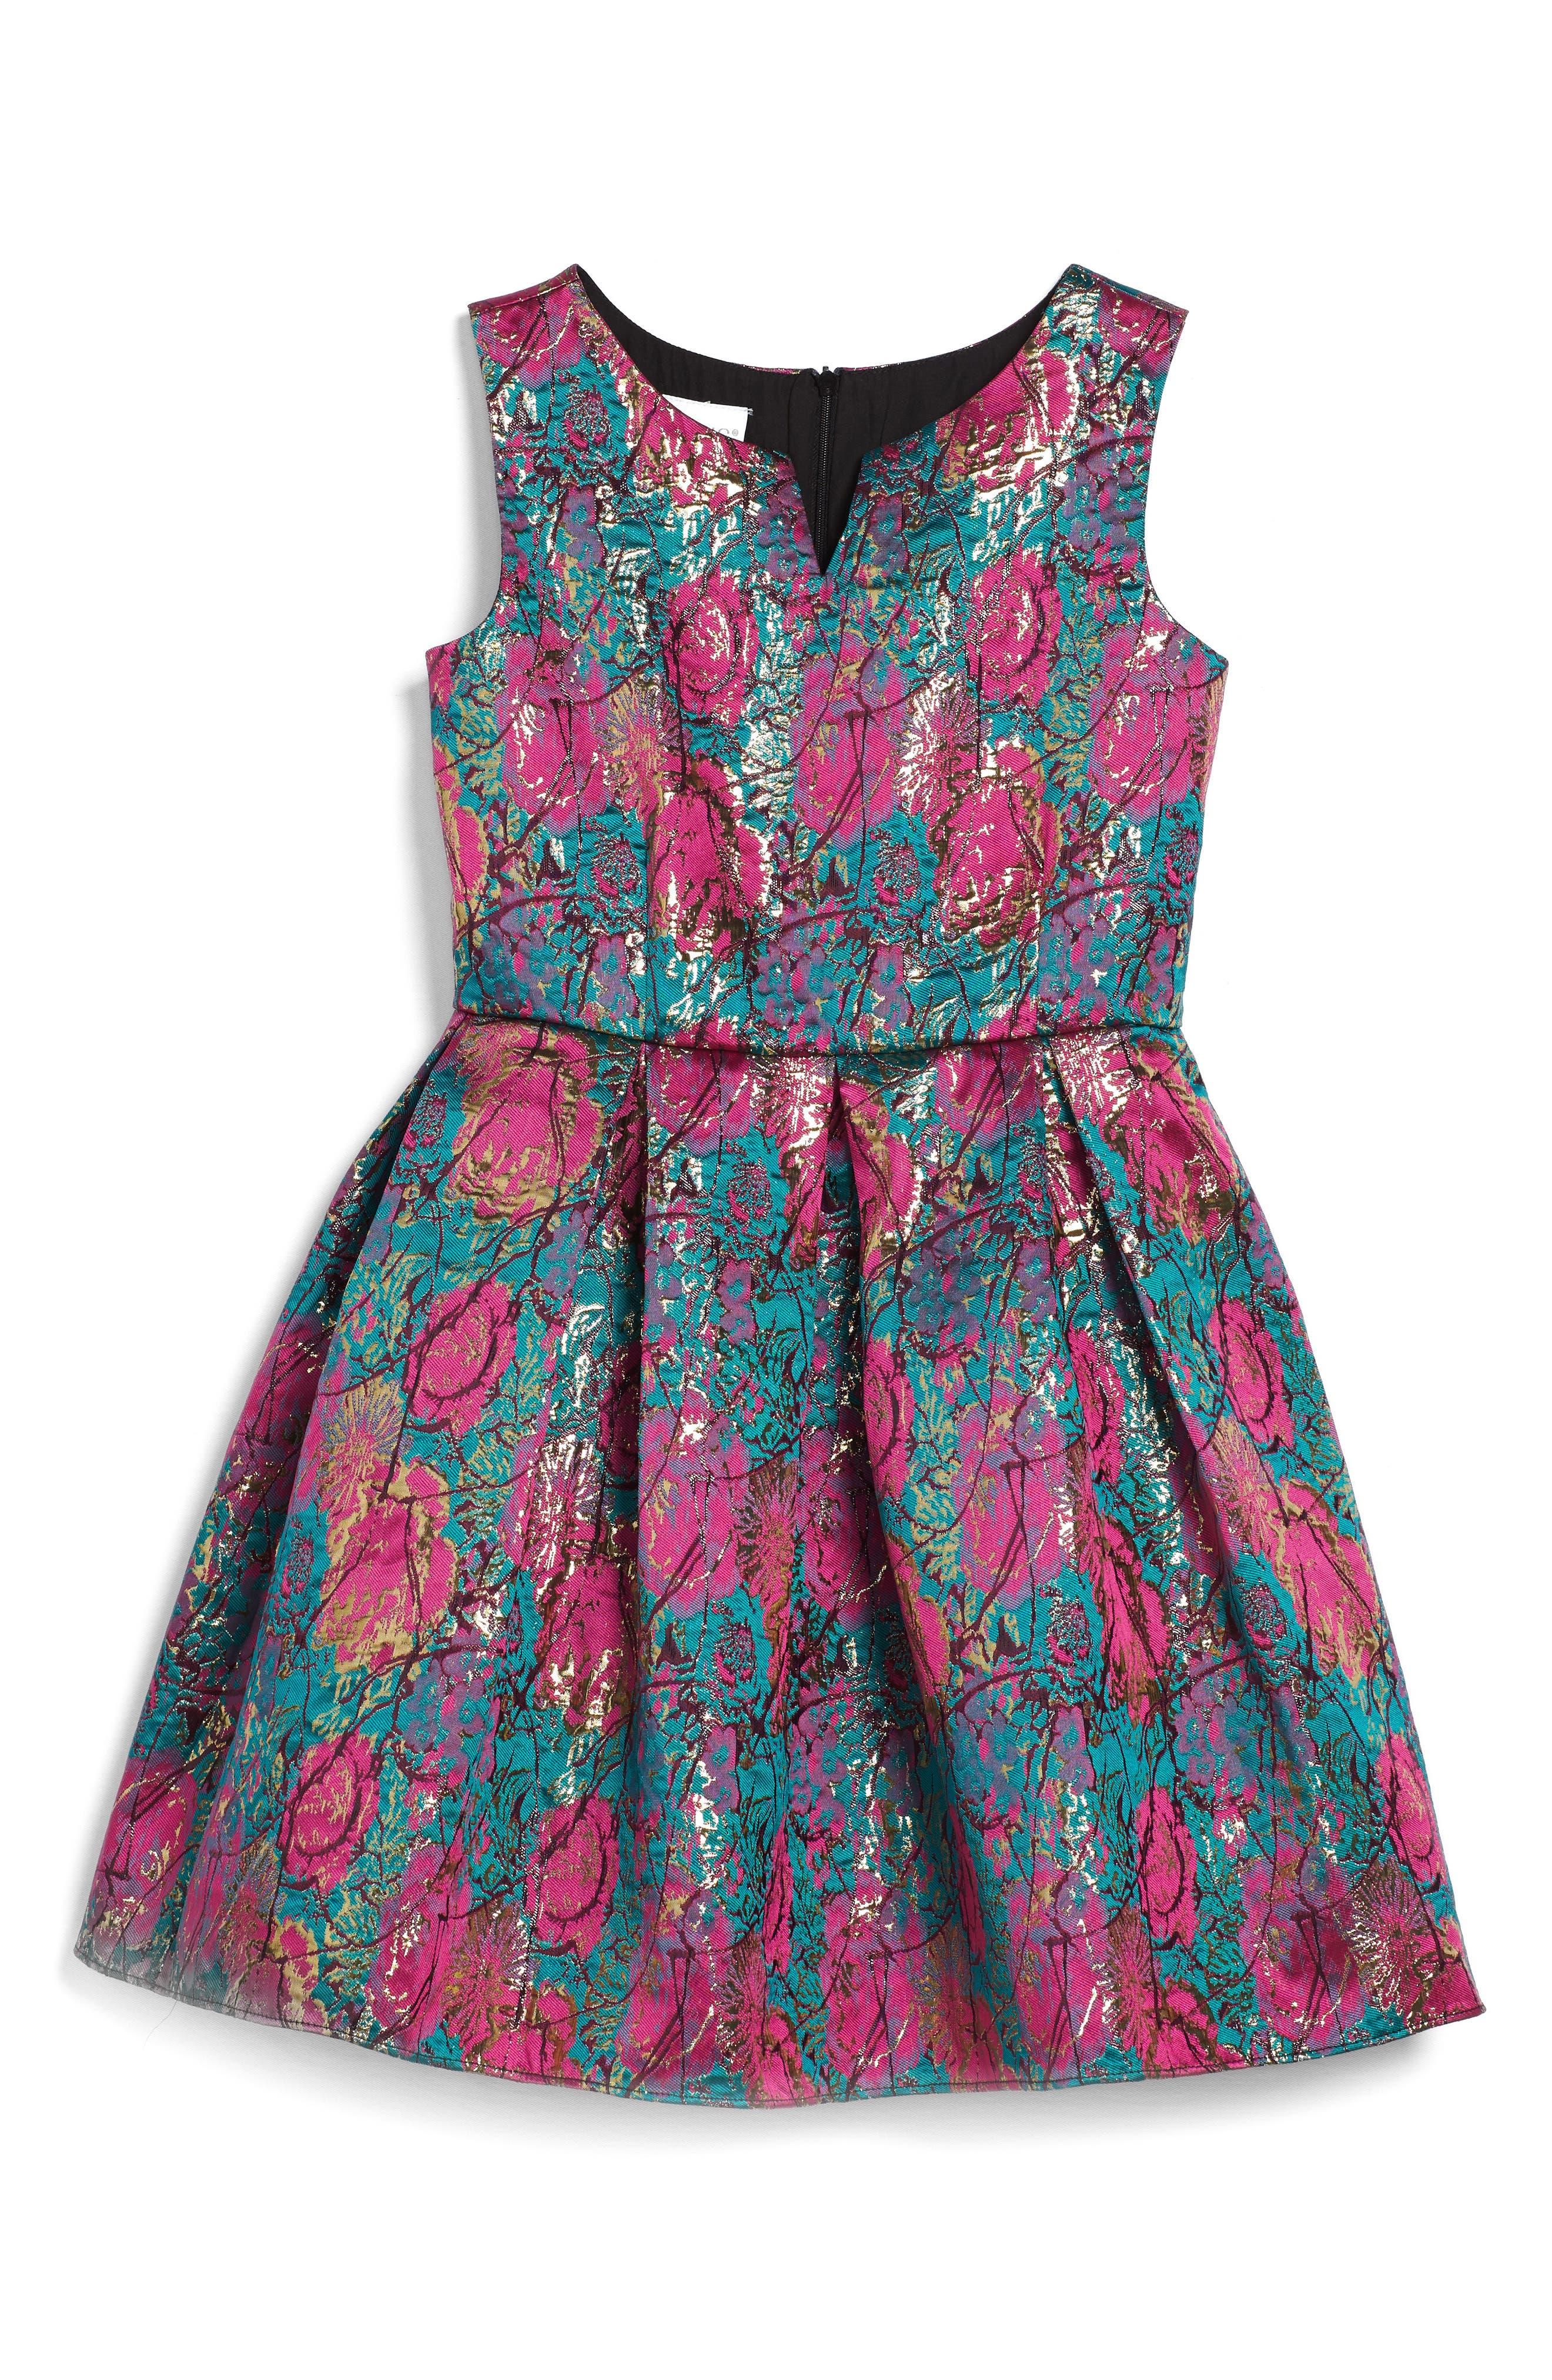 Main Image - Frais Floral Brocade Fit & Flare Dress (Big Girls)